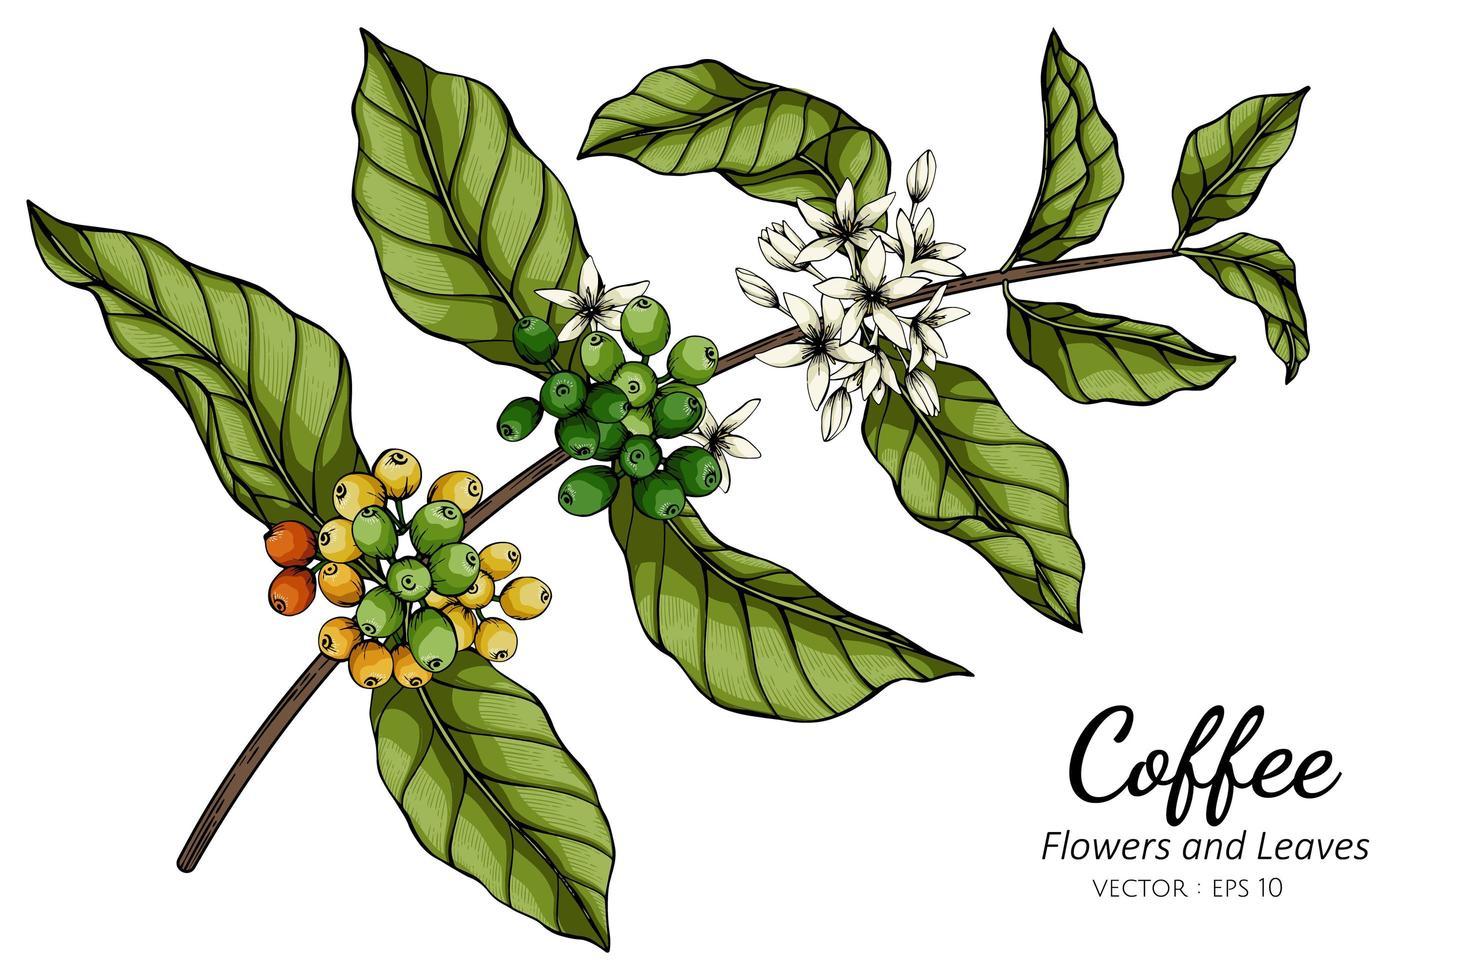 kaffeblomma och bladritning vektor